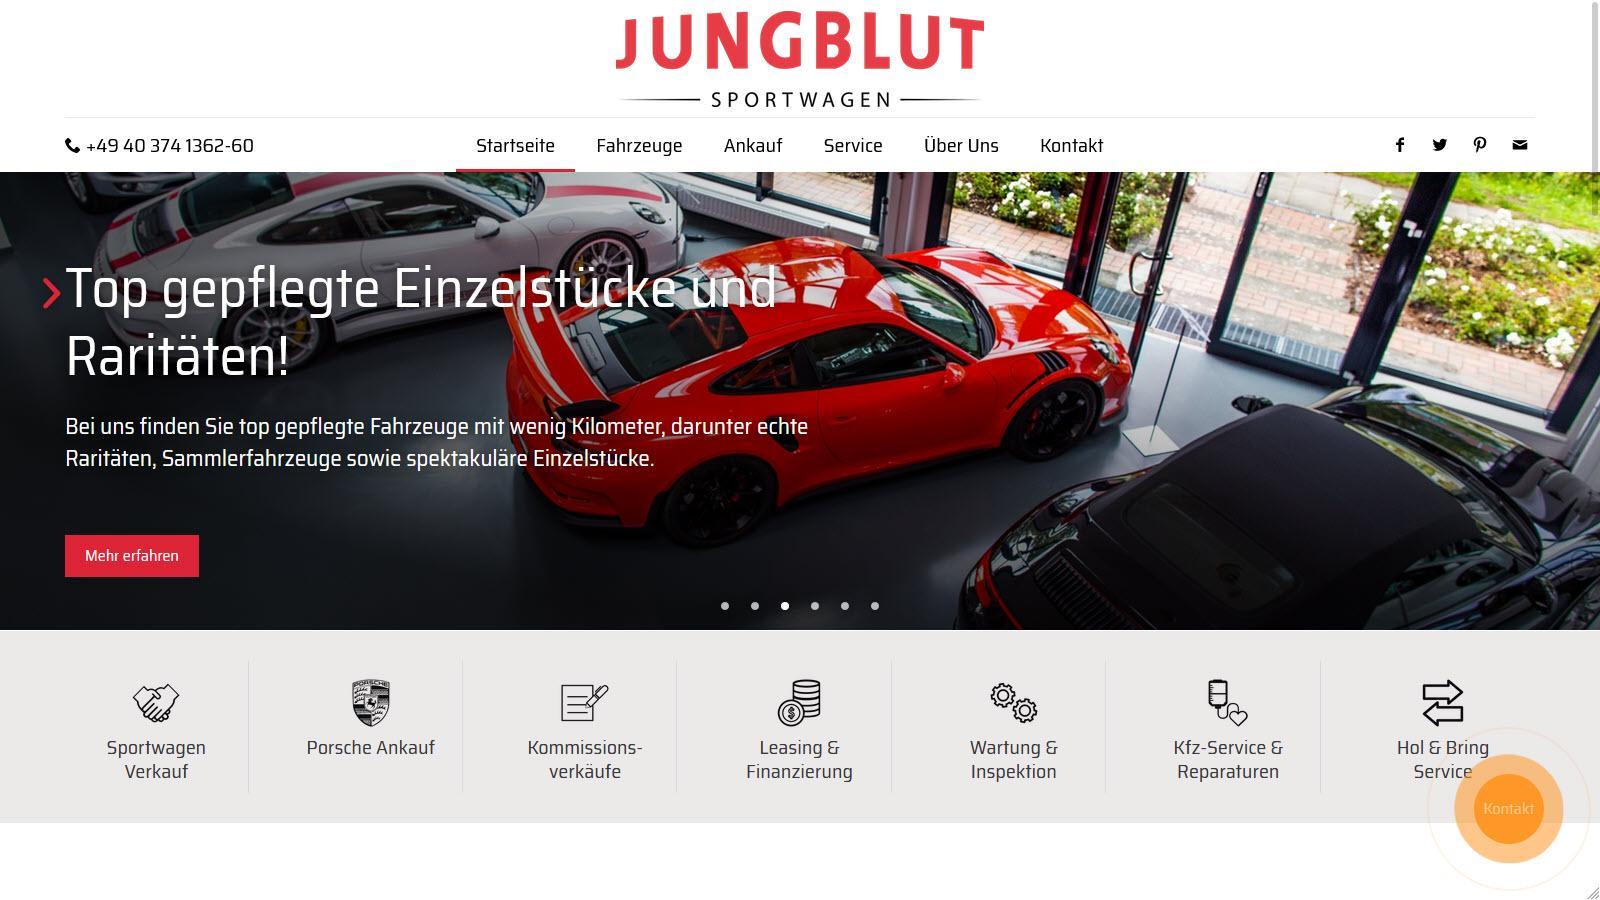 jungblut-sportwagen-de